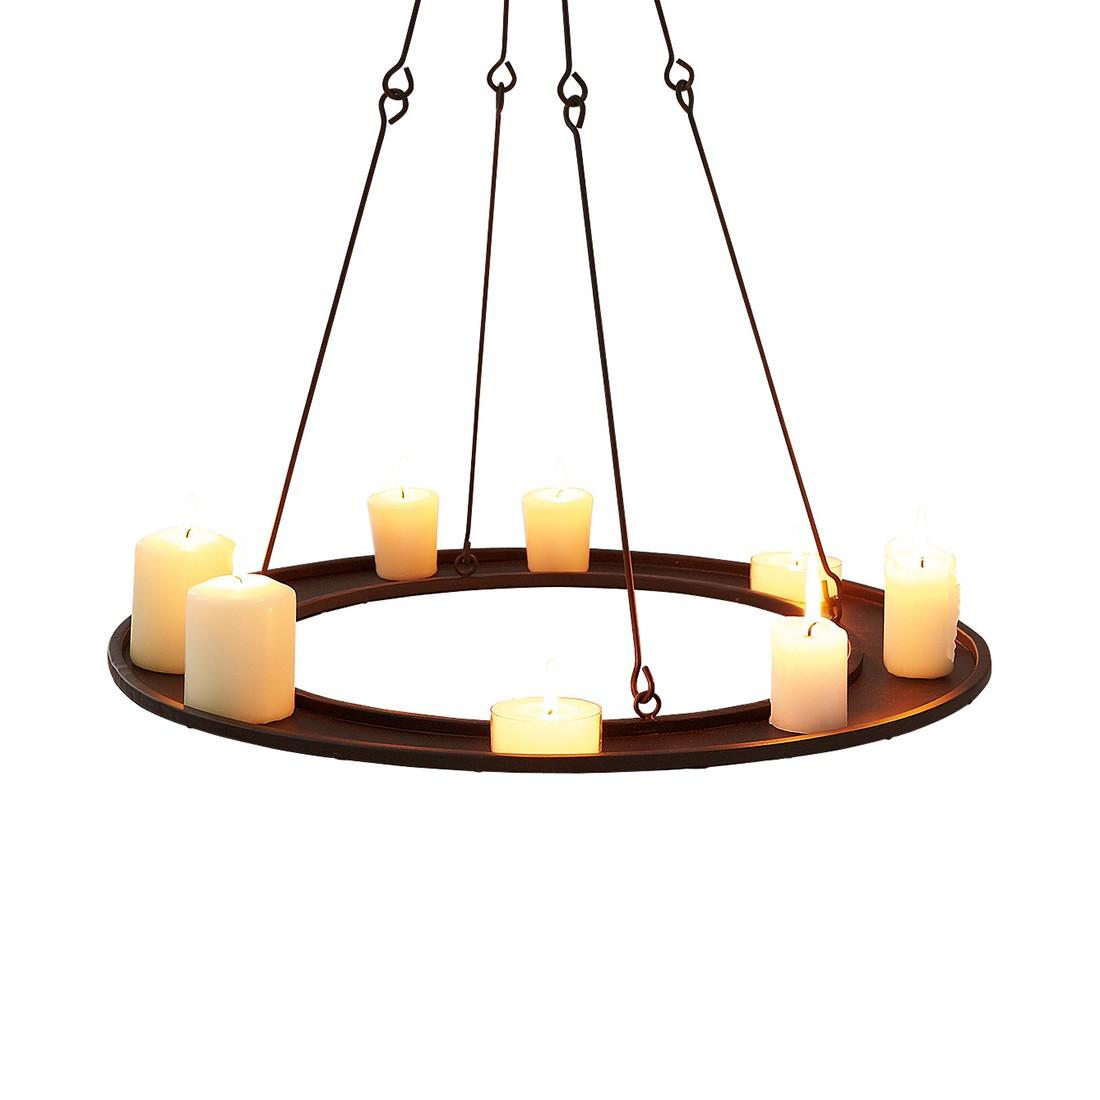 Kerzentablett zum Hängen – Metall, Braun, PureDay günstig online kaufen